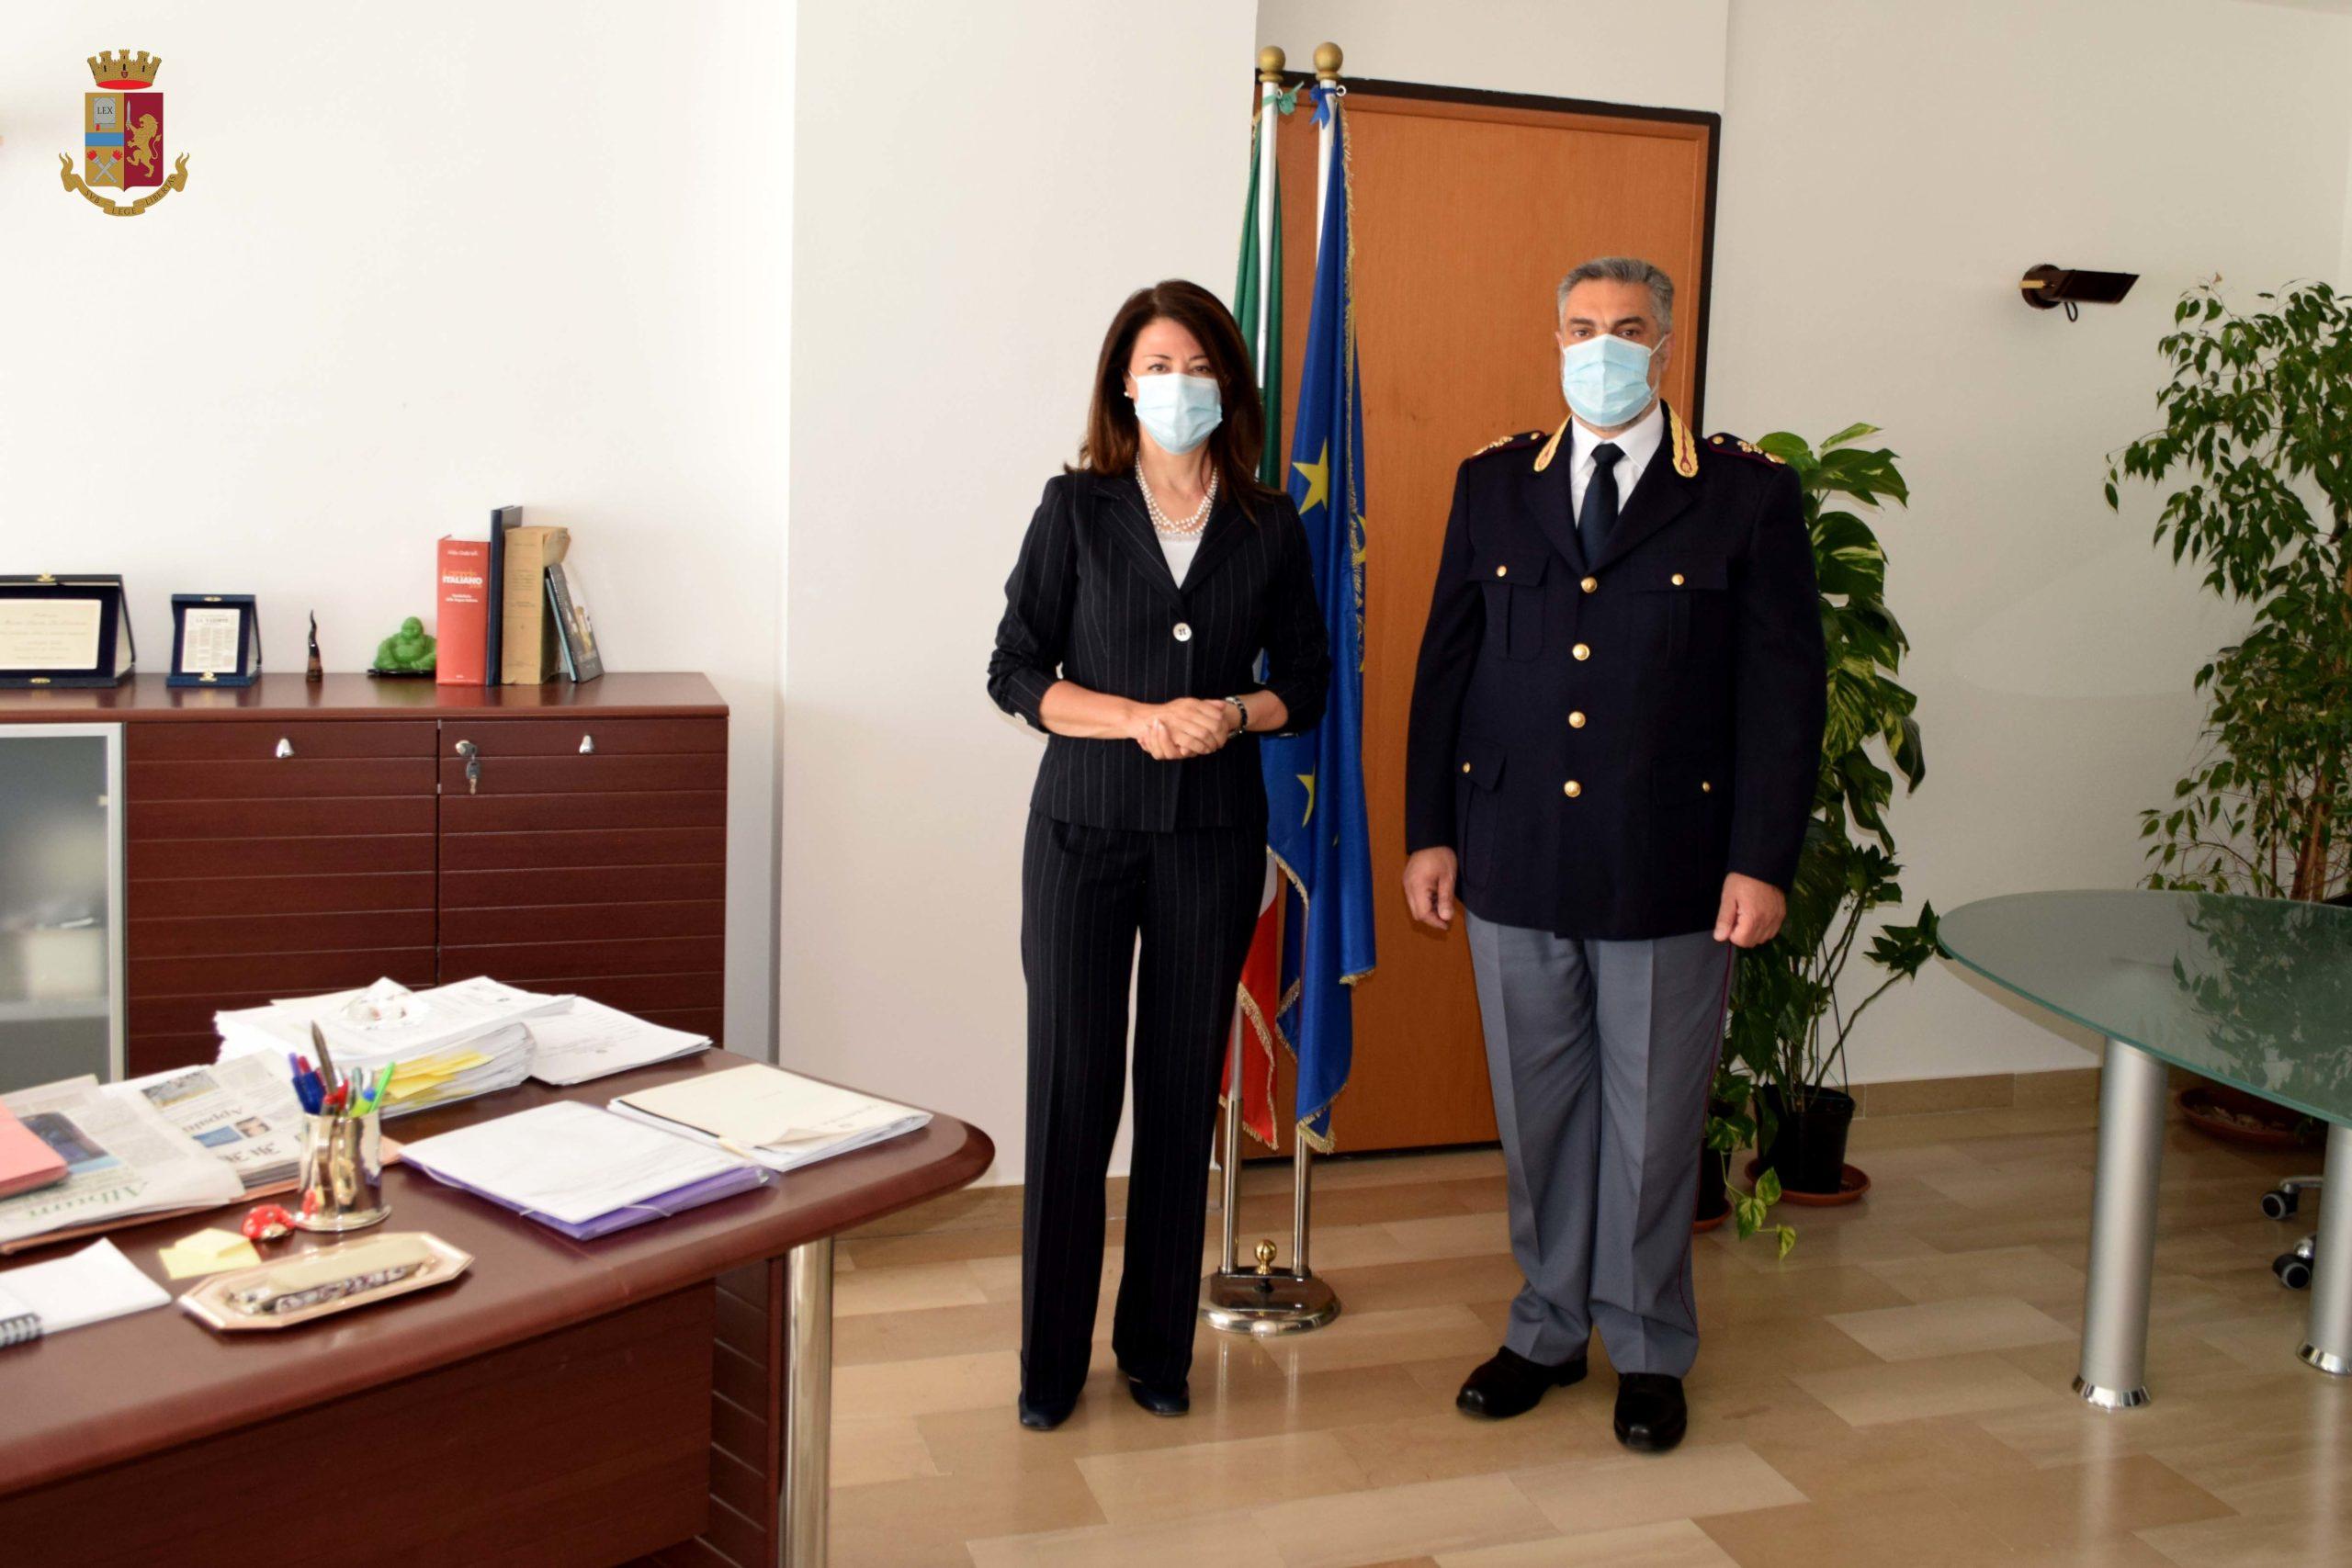 Questura Di Rieti Giuseppe Migliacci Alla Dirigenza Della Polizia Amministrativa